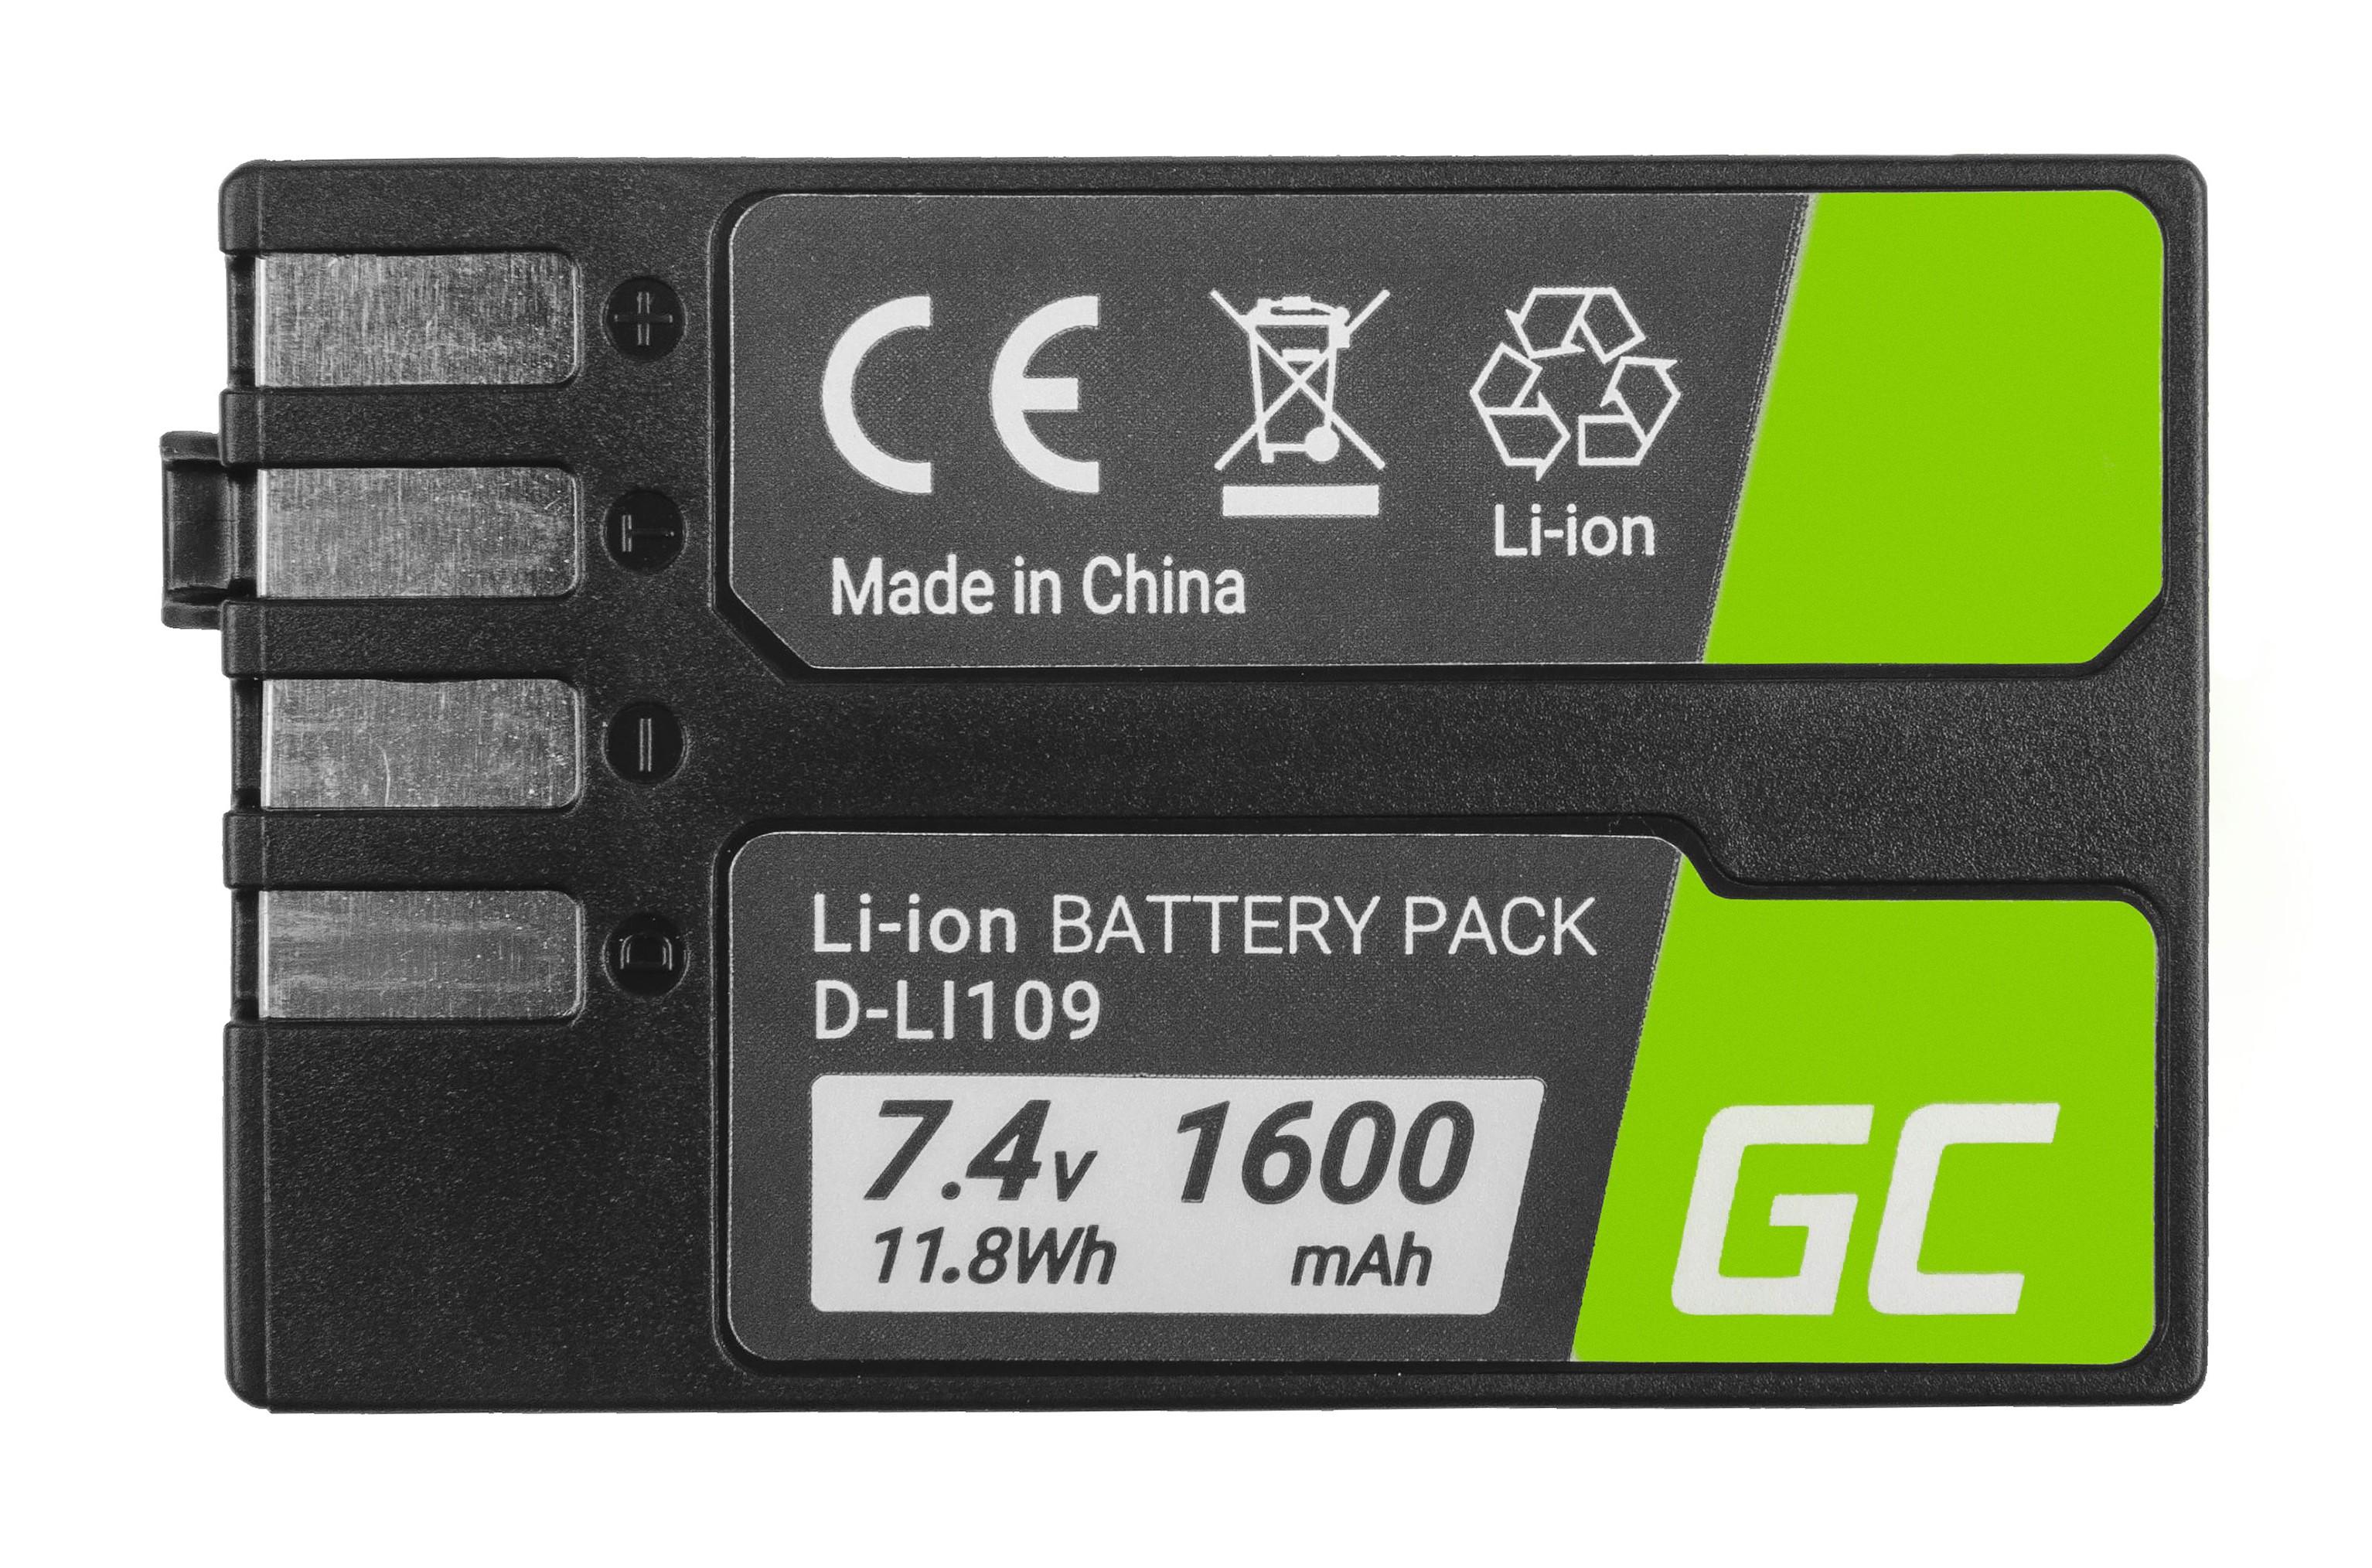 Batteri D-Li109 DLi109 do Pentax Kr, K-2, K-30, K-50, K-500, K-S1, K-S2 7.4V 1600mAh